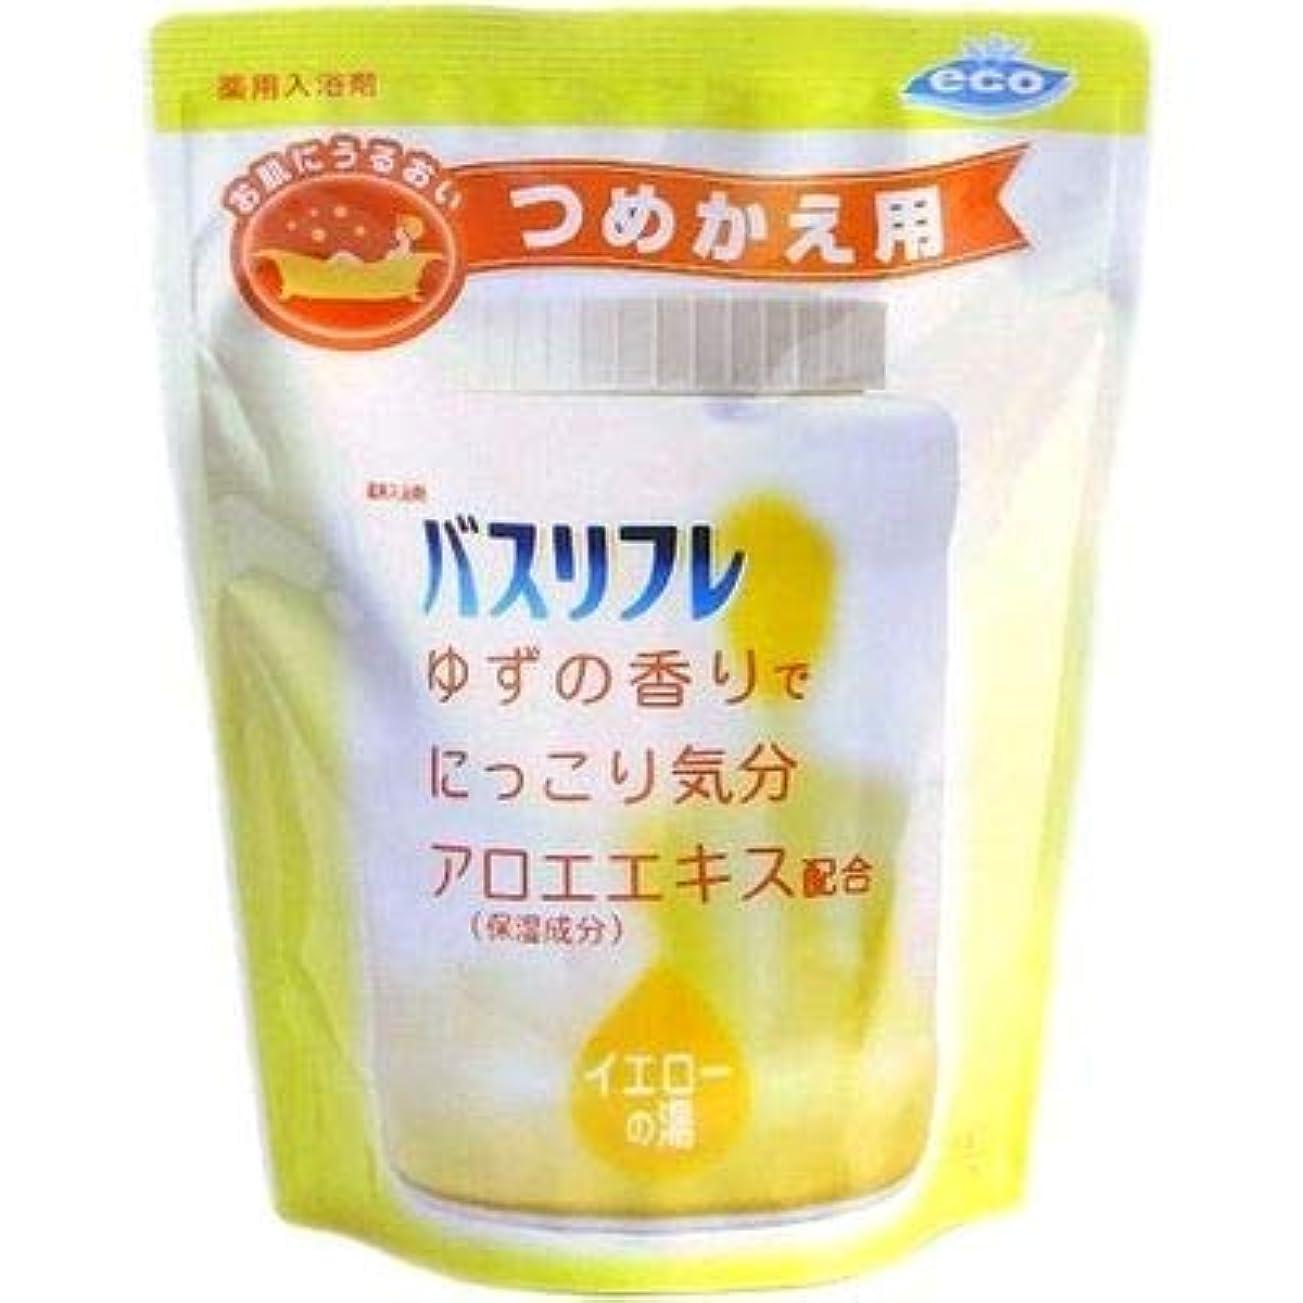 ただやる交換可能最近ライオンケミカル バスリフレ 薬用入浴剤 ゆずの香り つめかえ用 540g 4900480080102